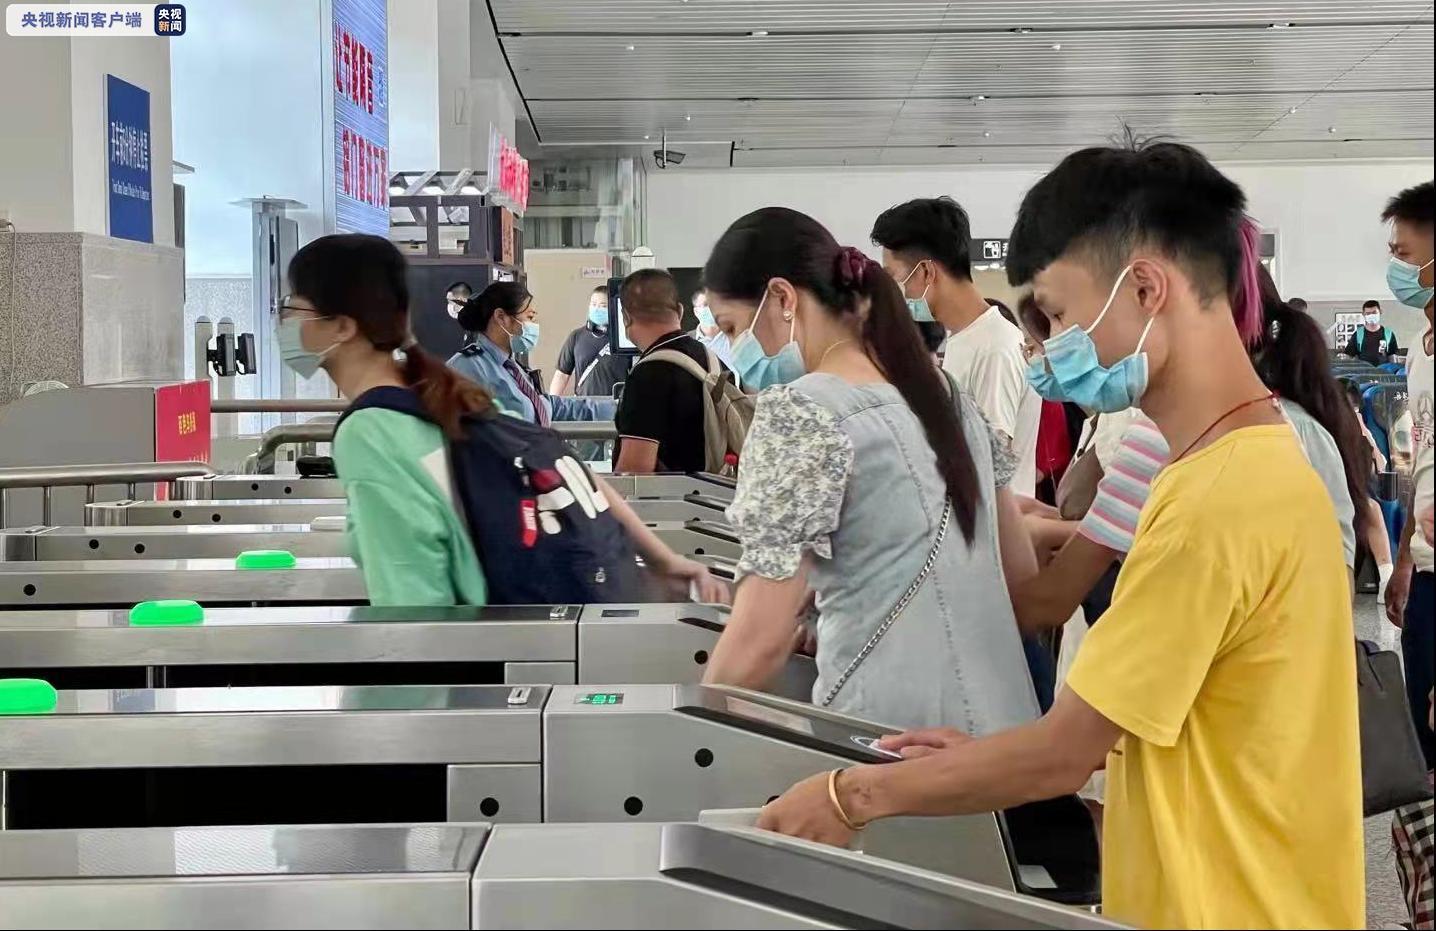 中铁南宁局将调整29趟客货列车 国庆假期加开或重联257趟旅客列车